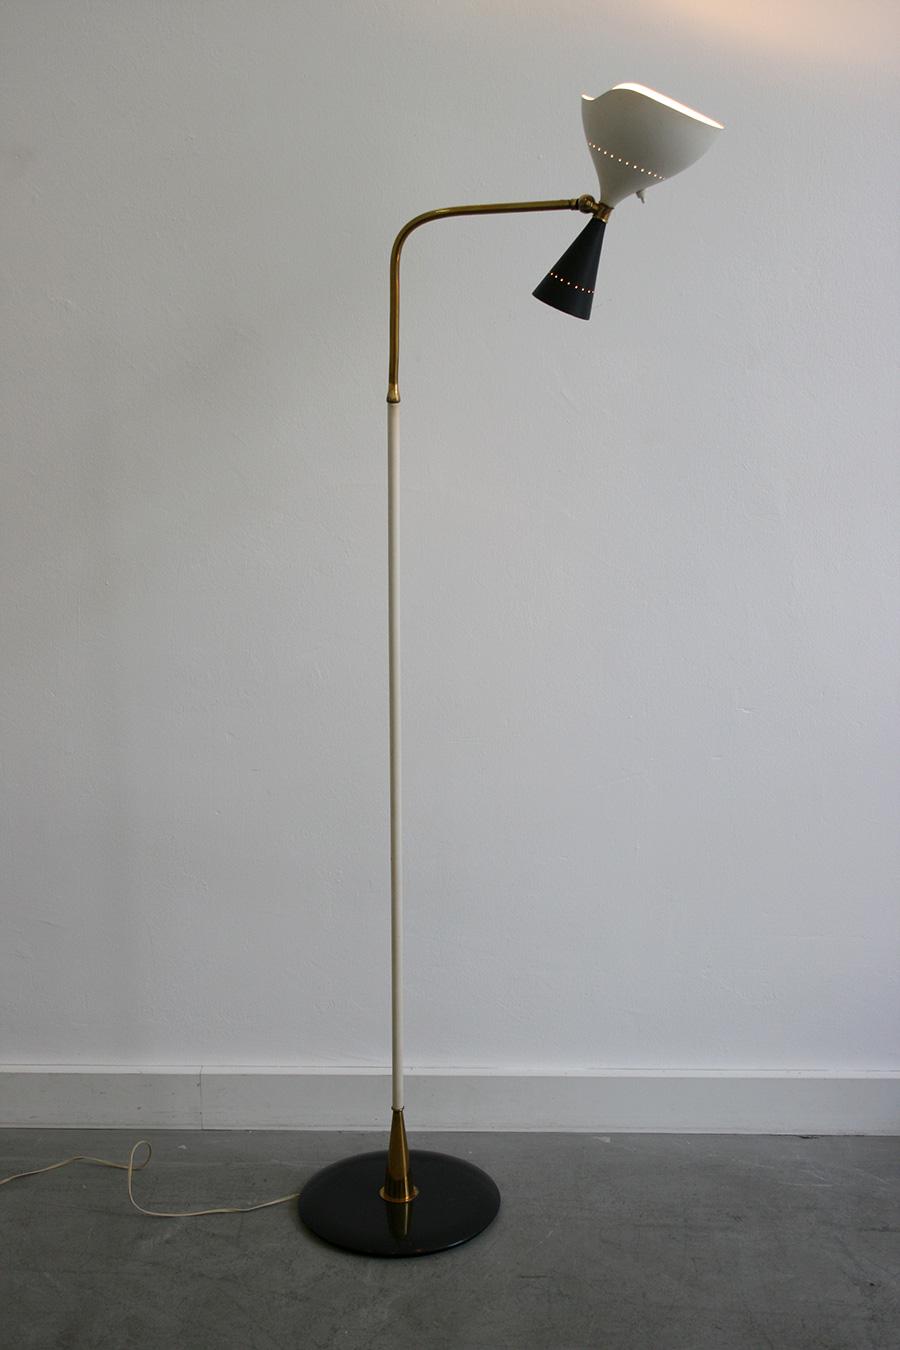 boris lacroix stehlampe vintage design lausanne schweiz. Black Bedroom Furniture Sets. Home Design Ideas